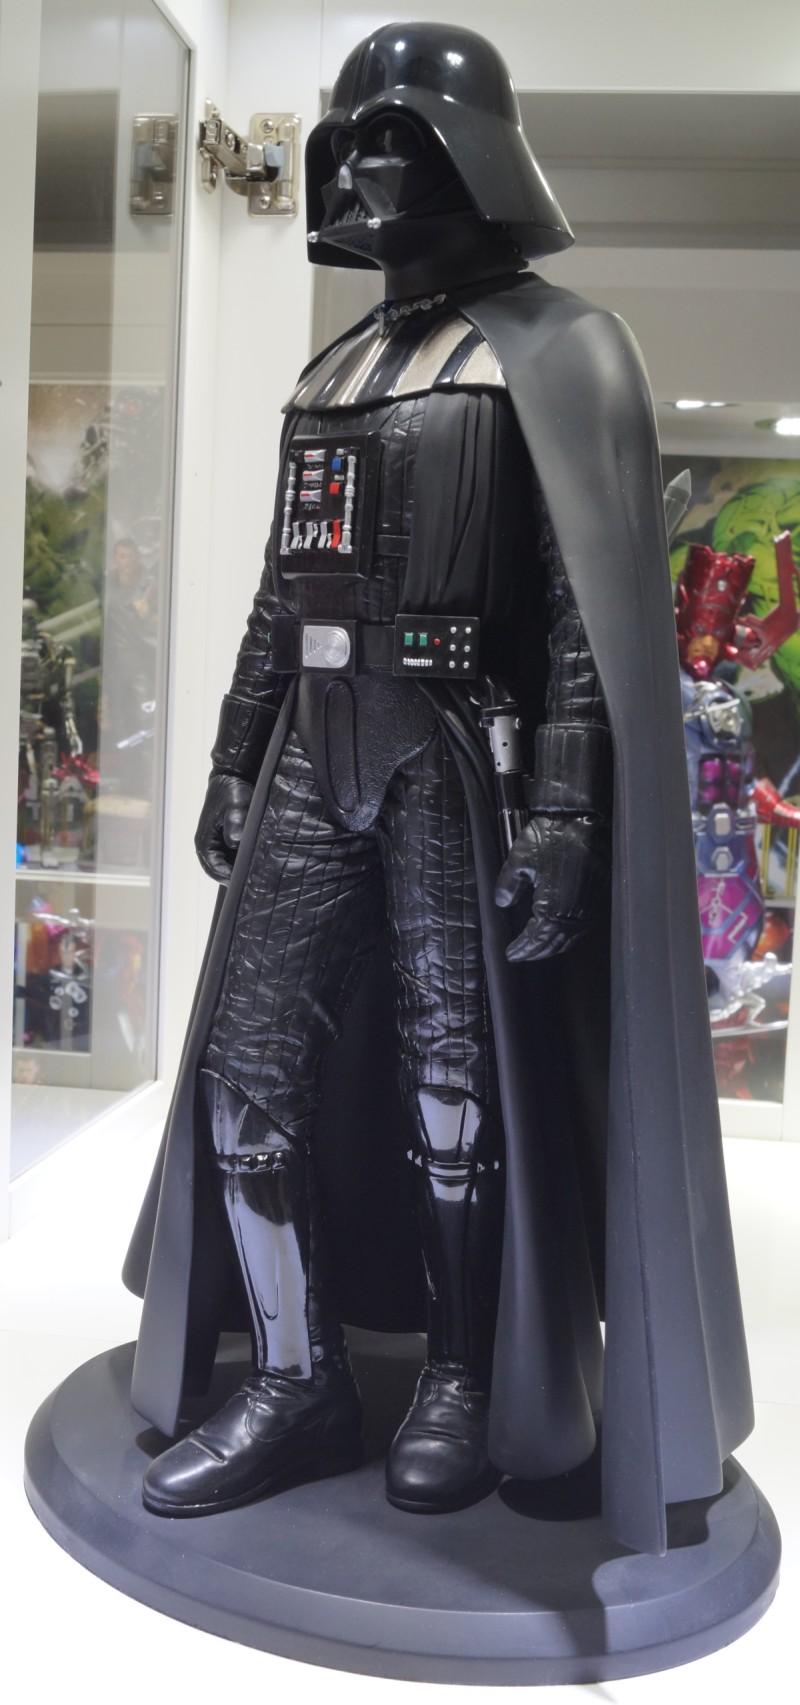 [Bild: Attakus_Vader02_800.jpg]